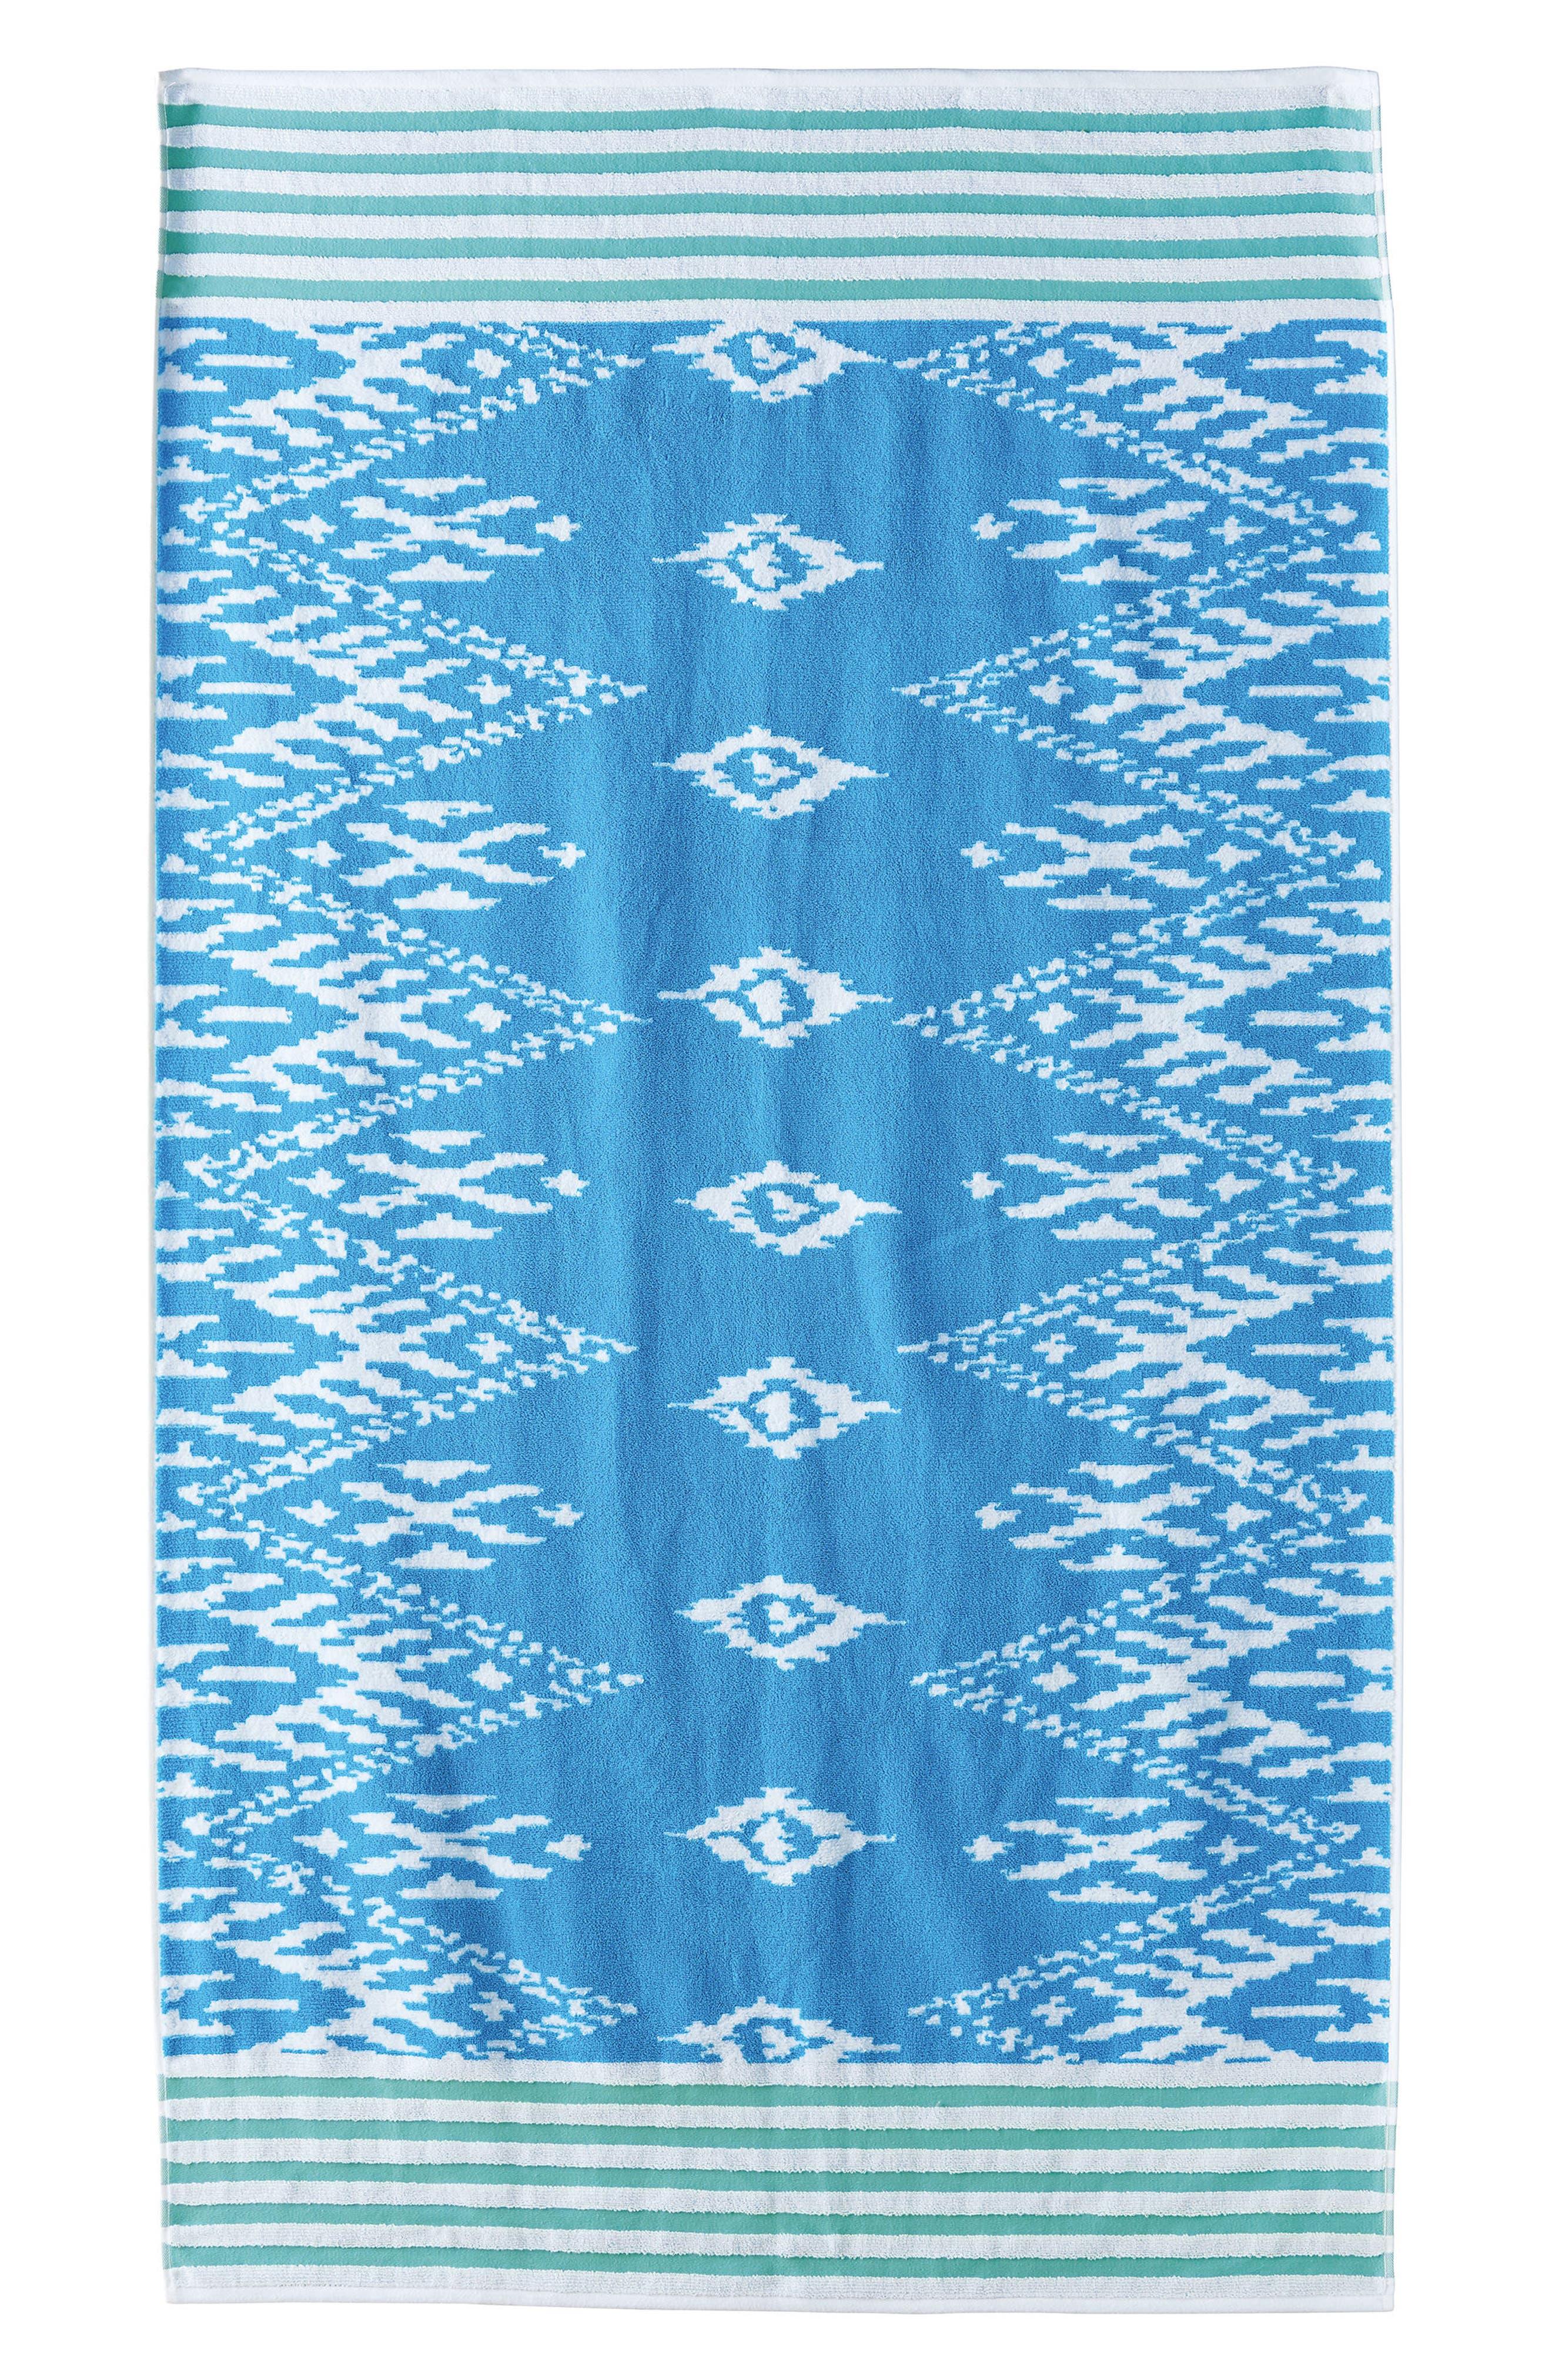 Dita Resort Towel,                             Main thumbnail 1, color,                             500